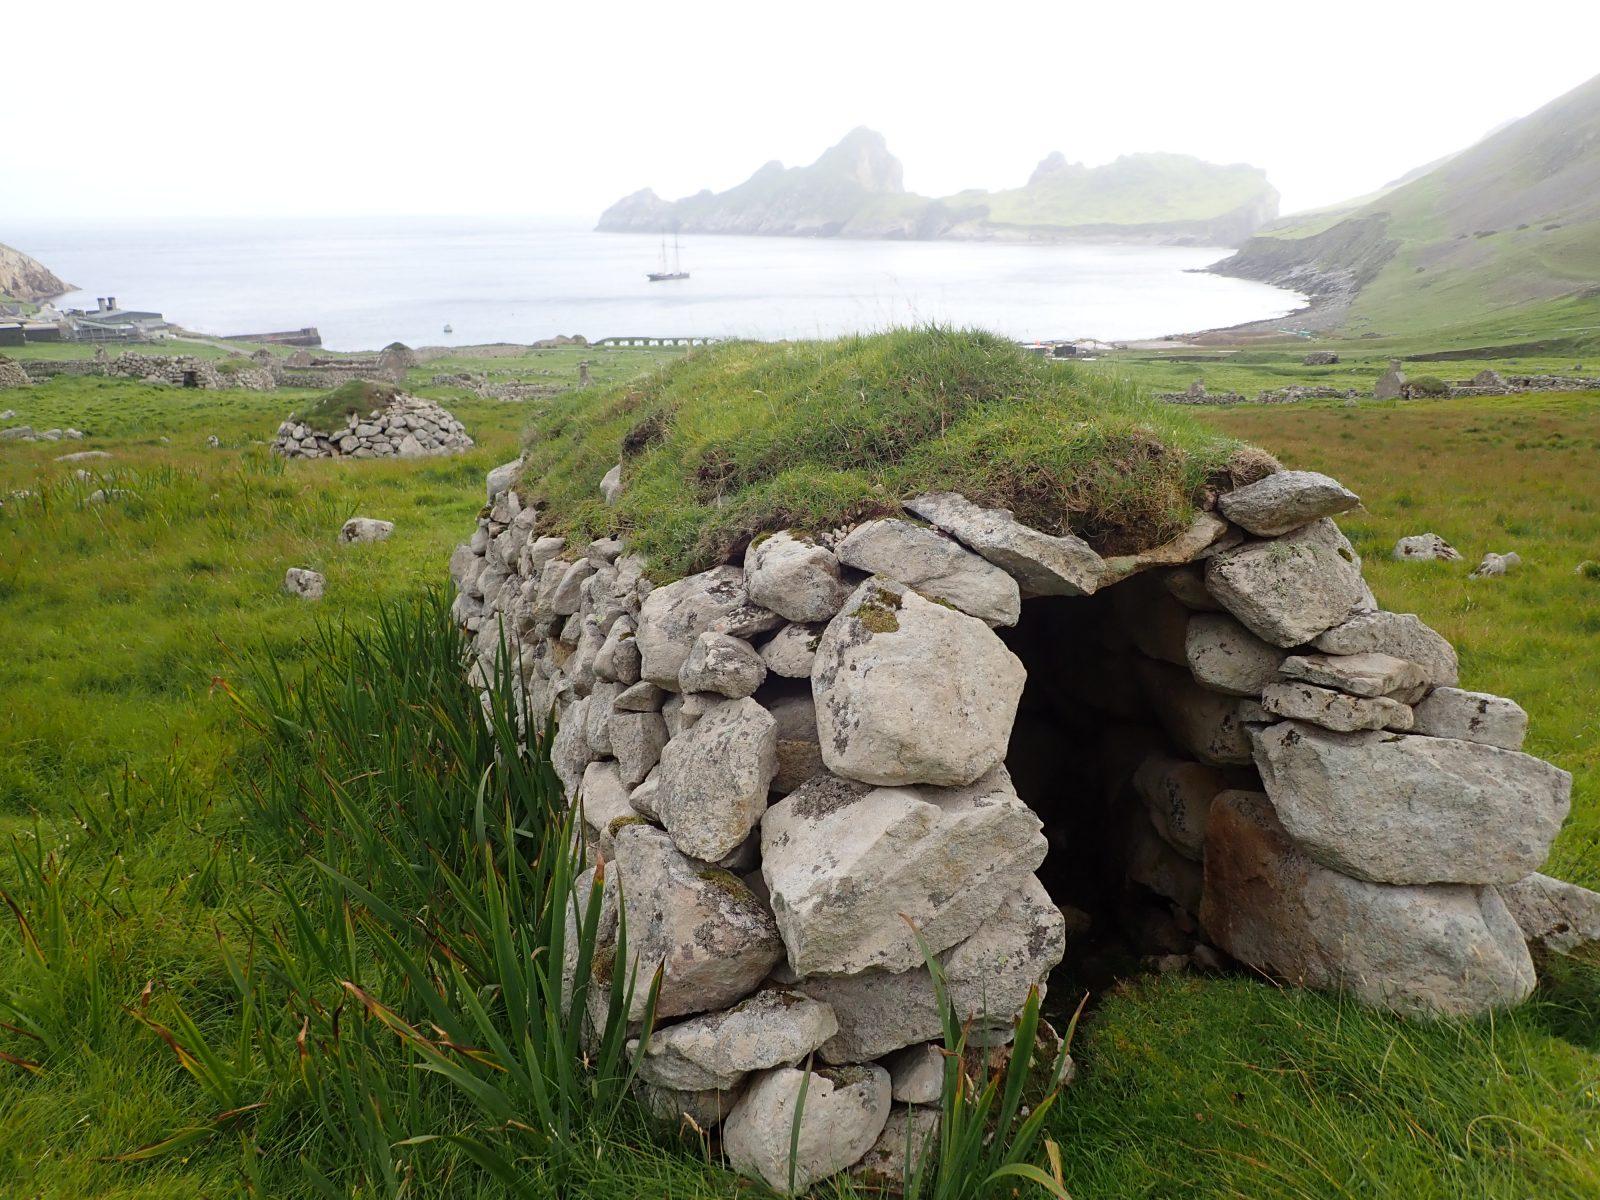 St Kilda cleit Scotislands Scottish islands